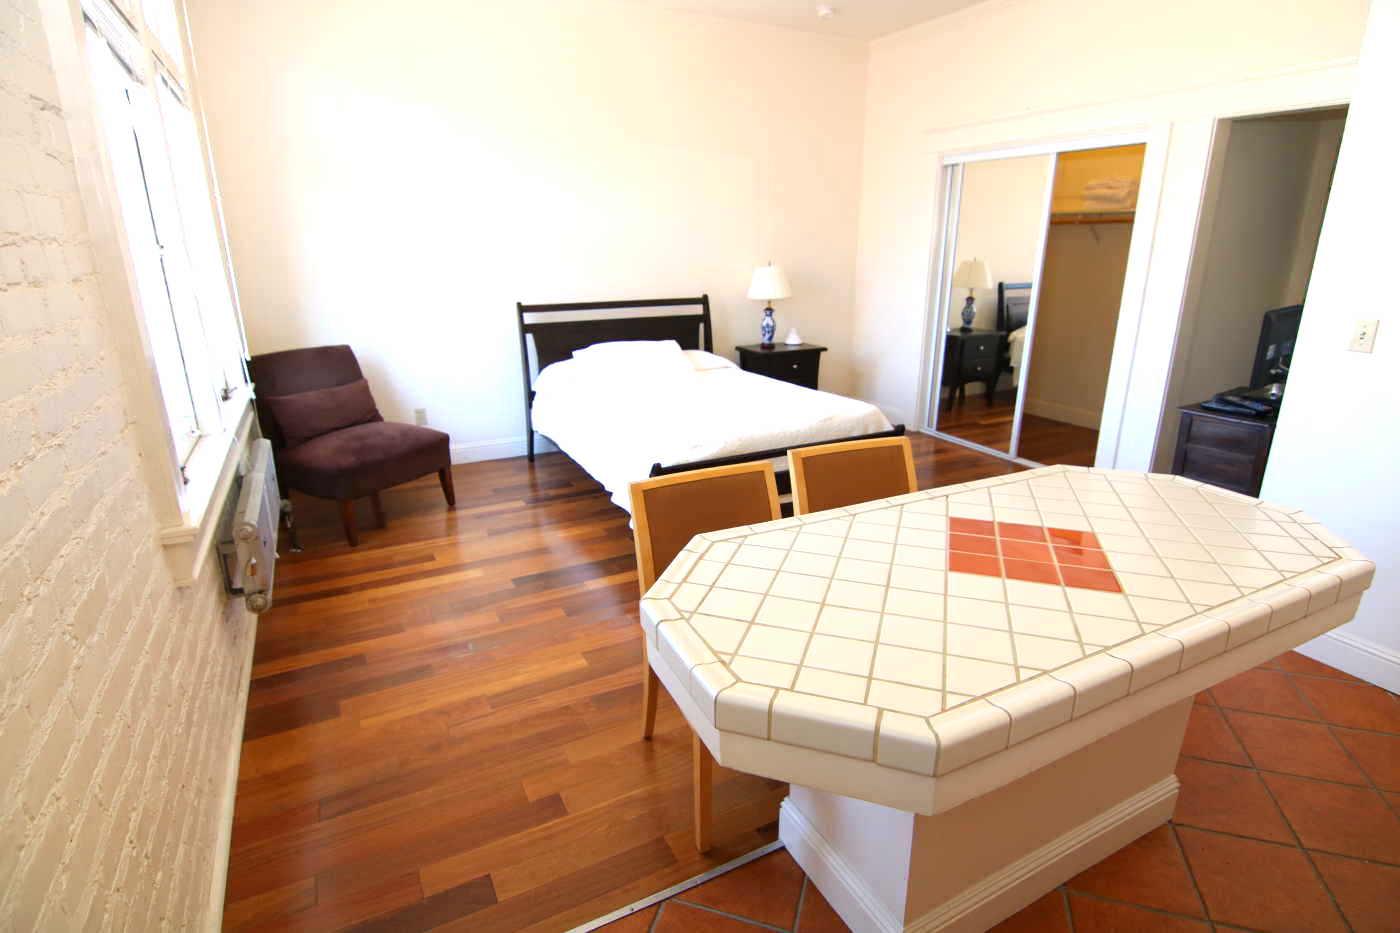 The Sonoma Suites